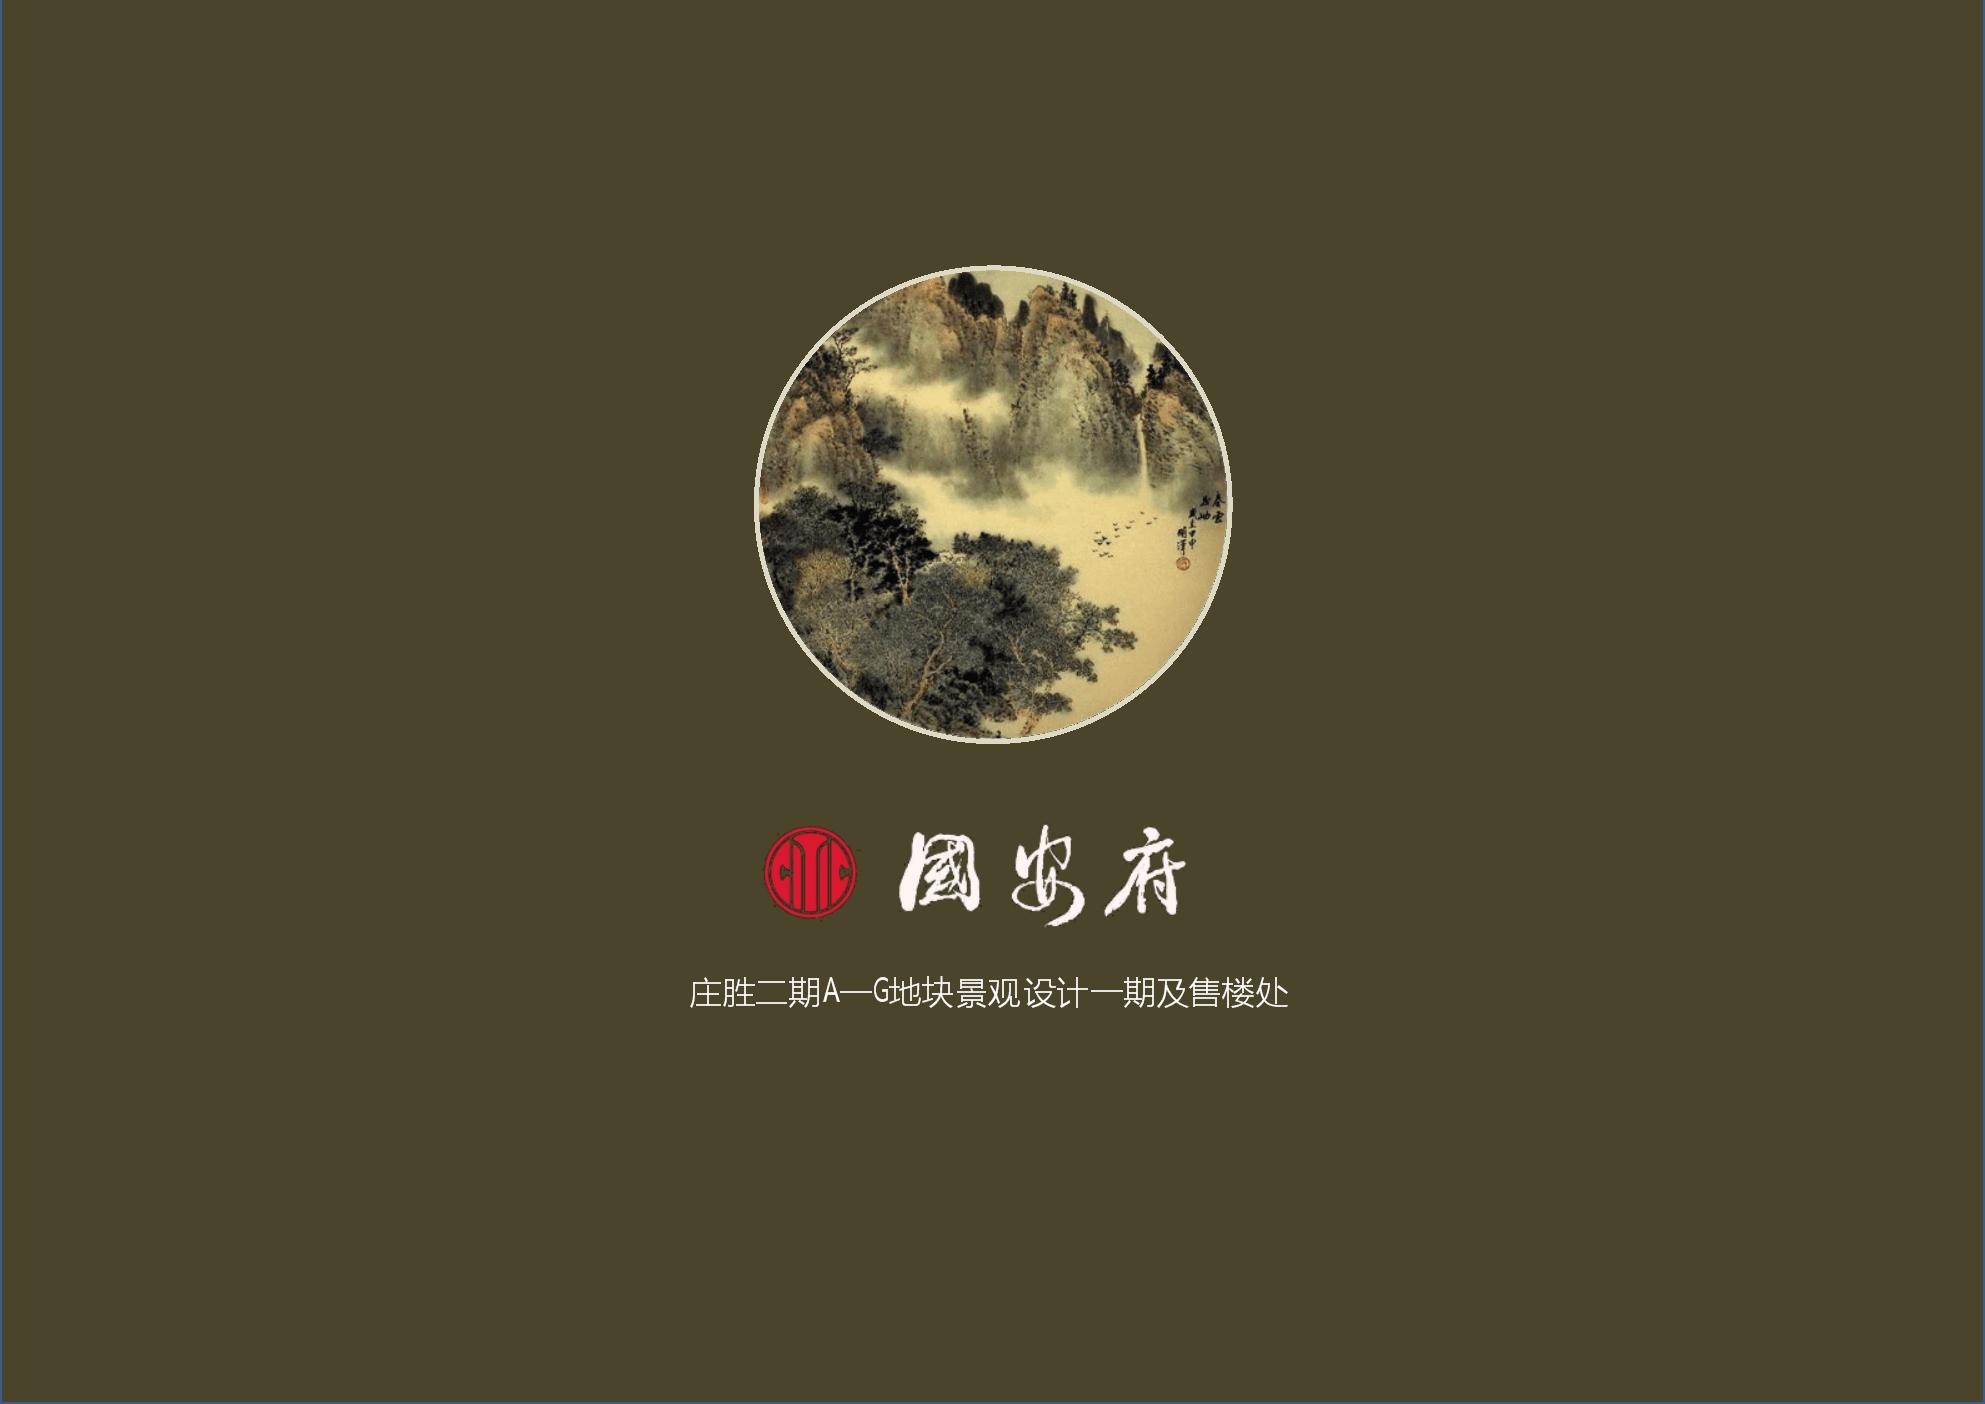 【房地产包装】售楼处:北京中信国安府售楼处+景观新中式.docx